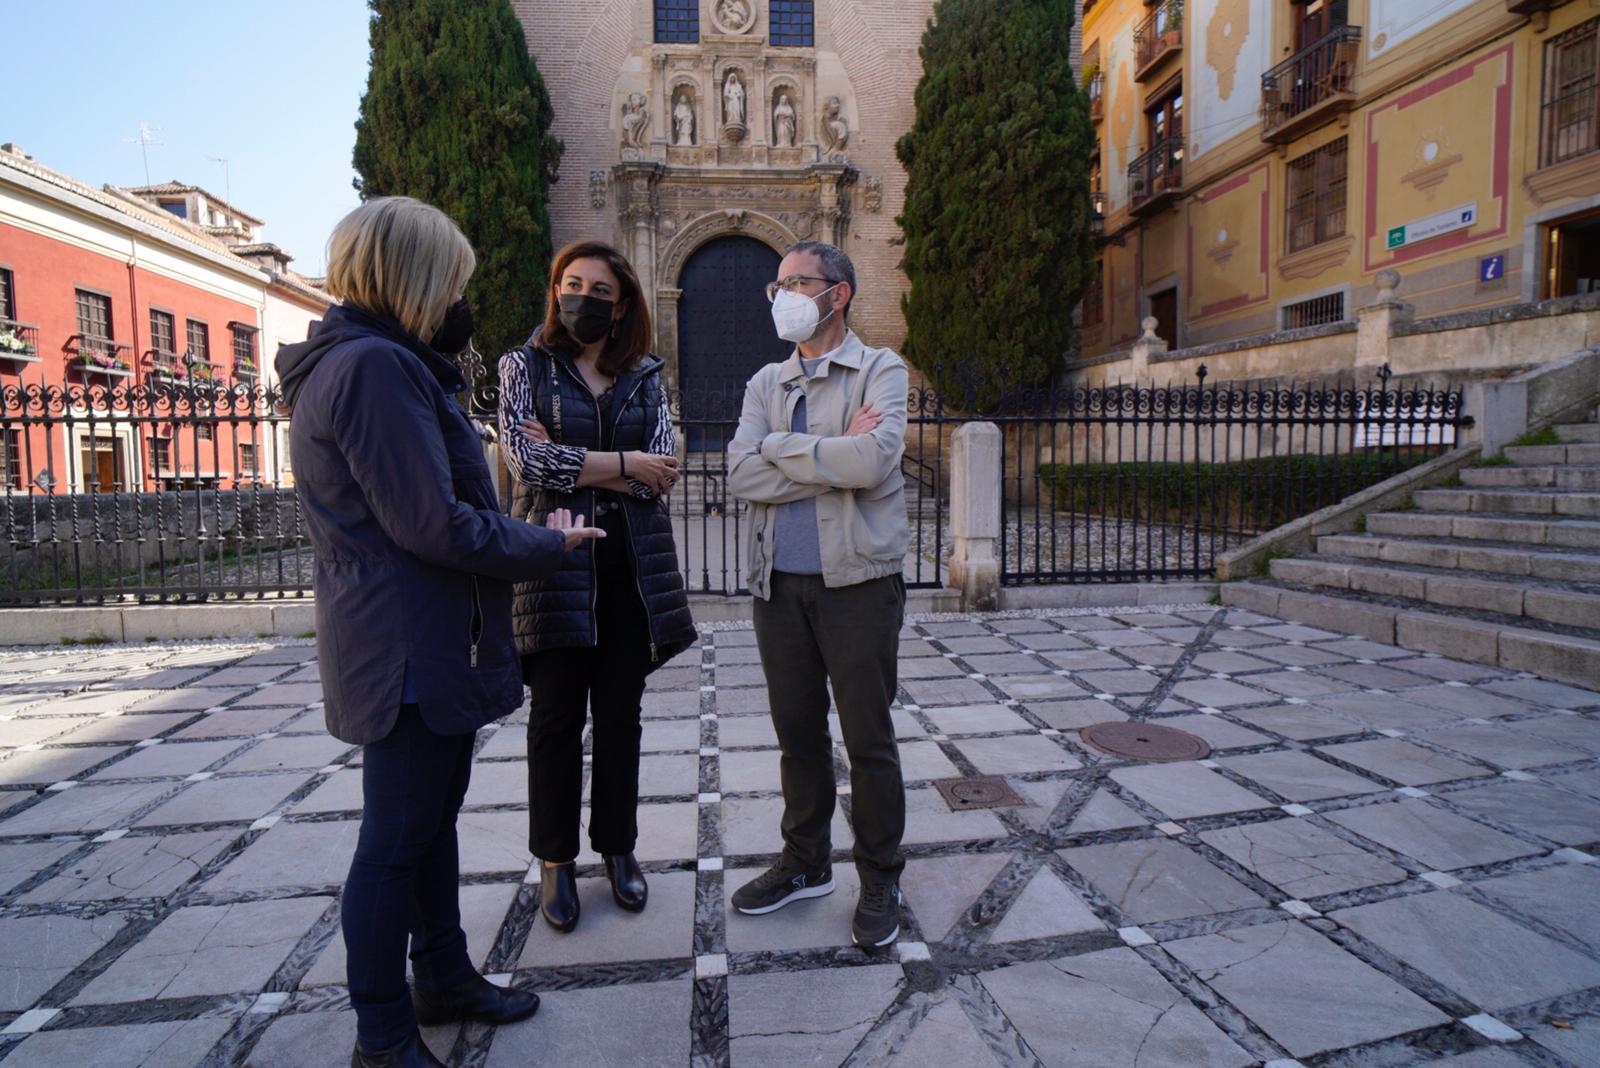 El botellón ha vuelto a las calles de Granada «por la parálisis del PP», según denuncia el PSOE